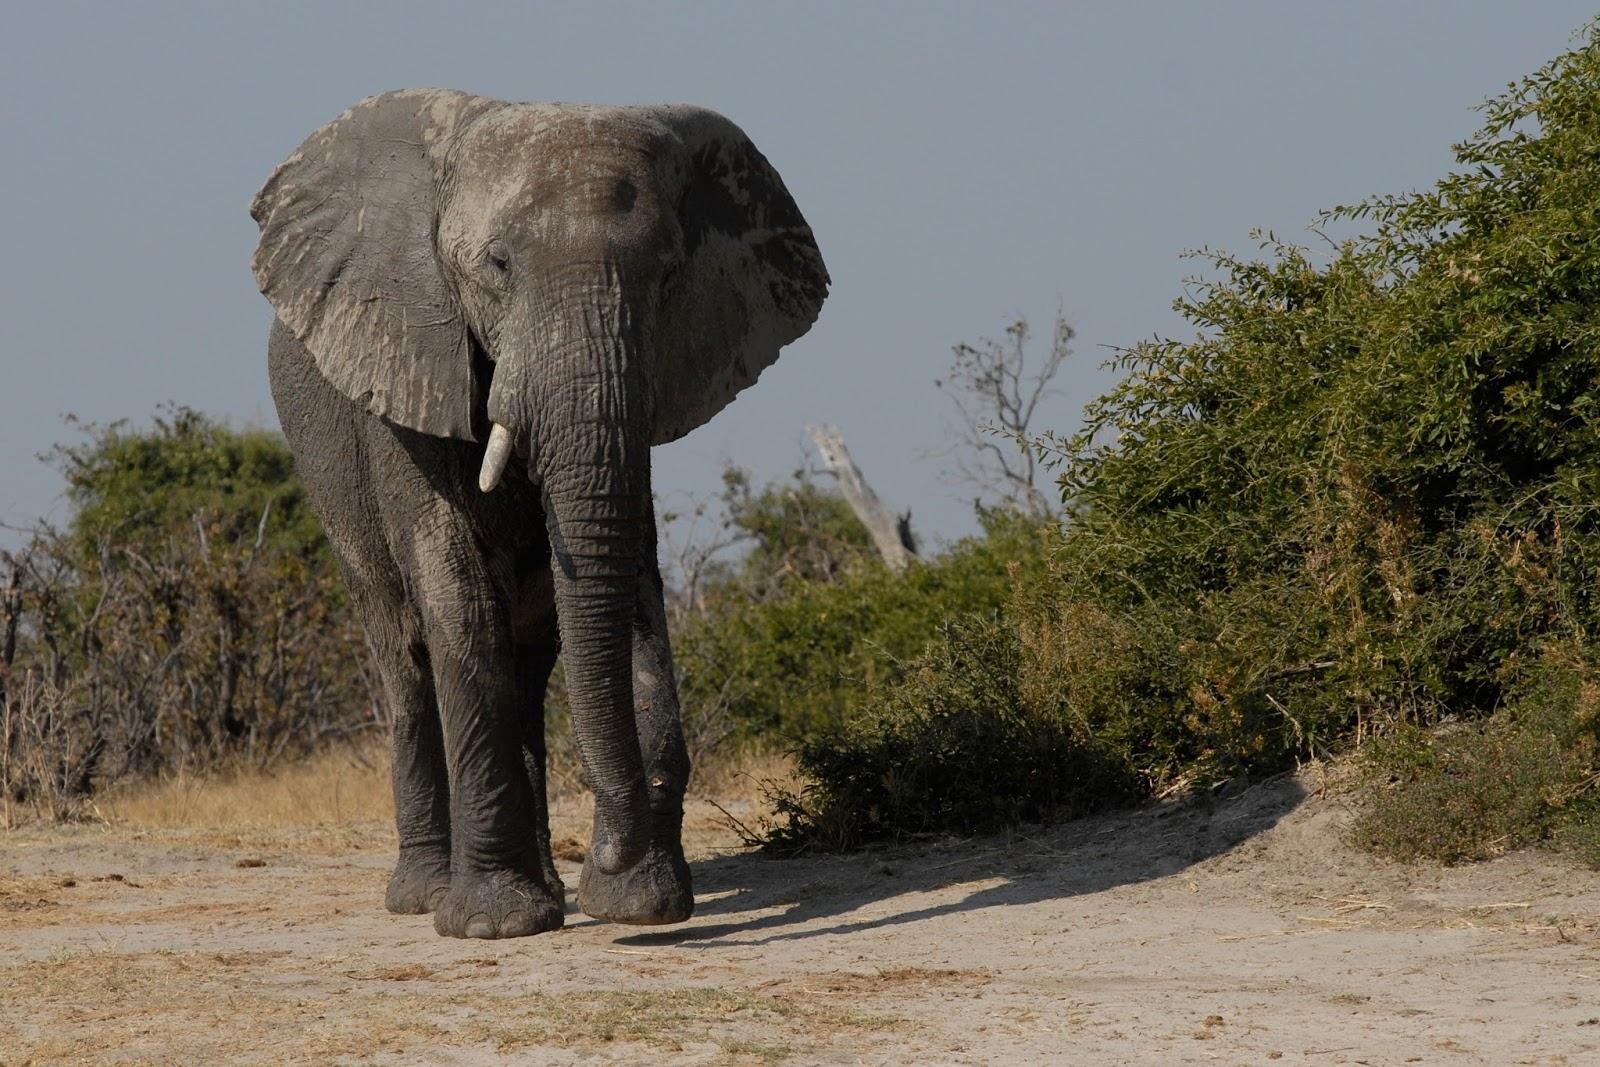 A boy elephant.